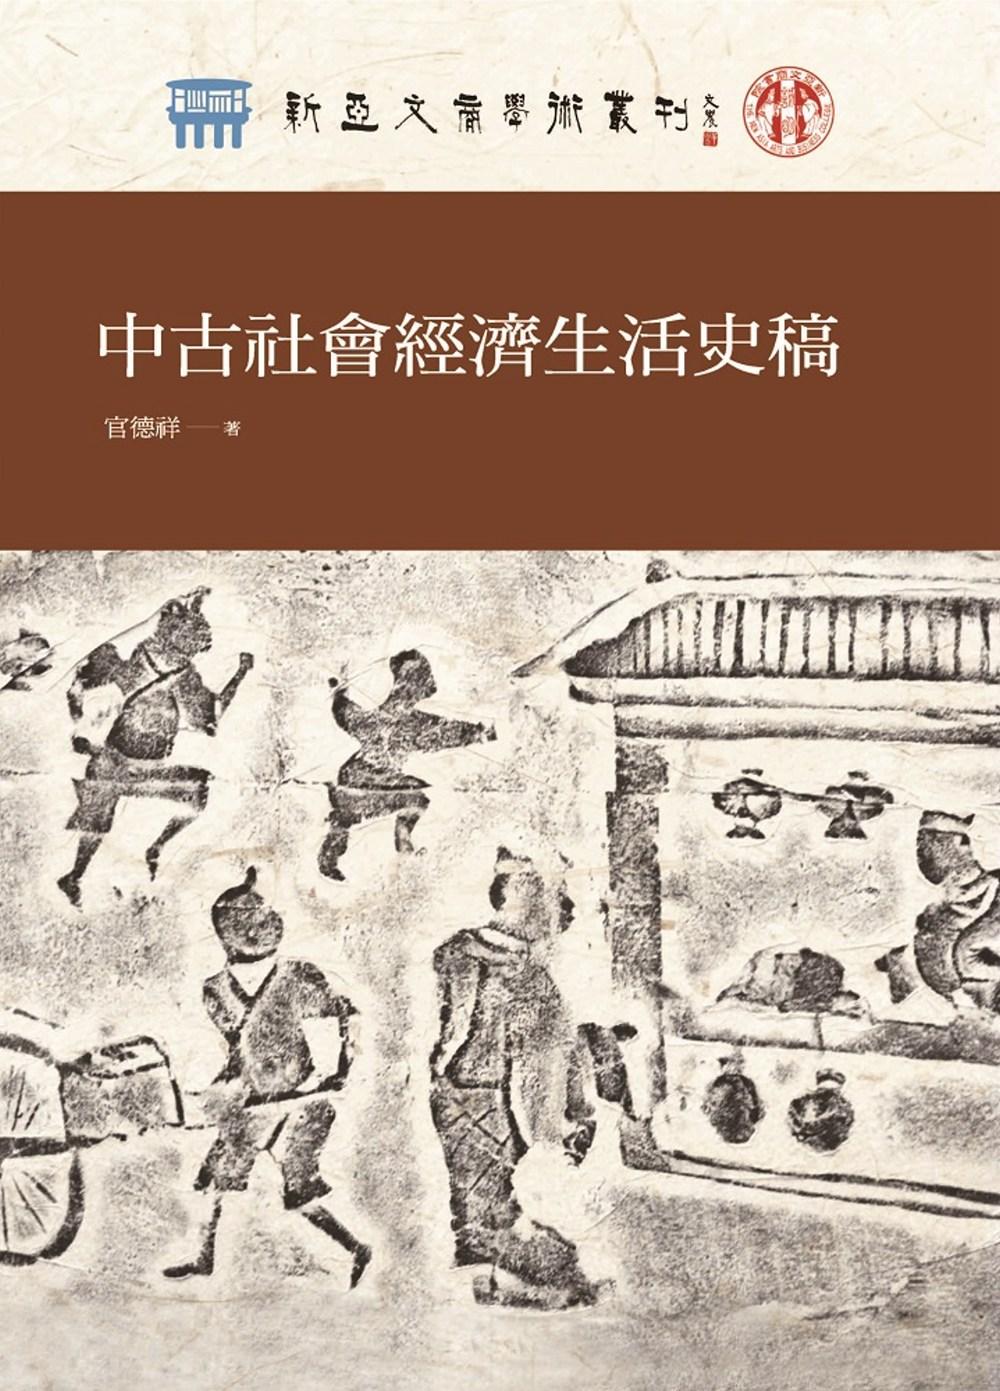 中古社會經濟生活史稿